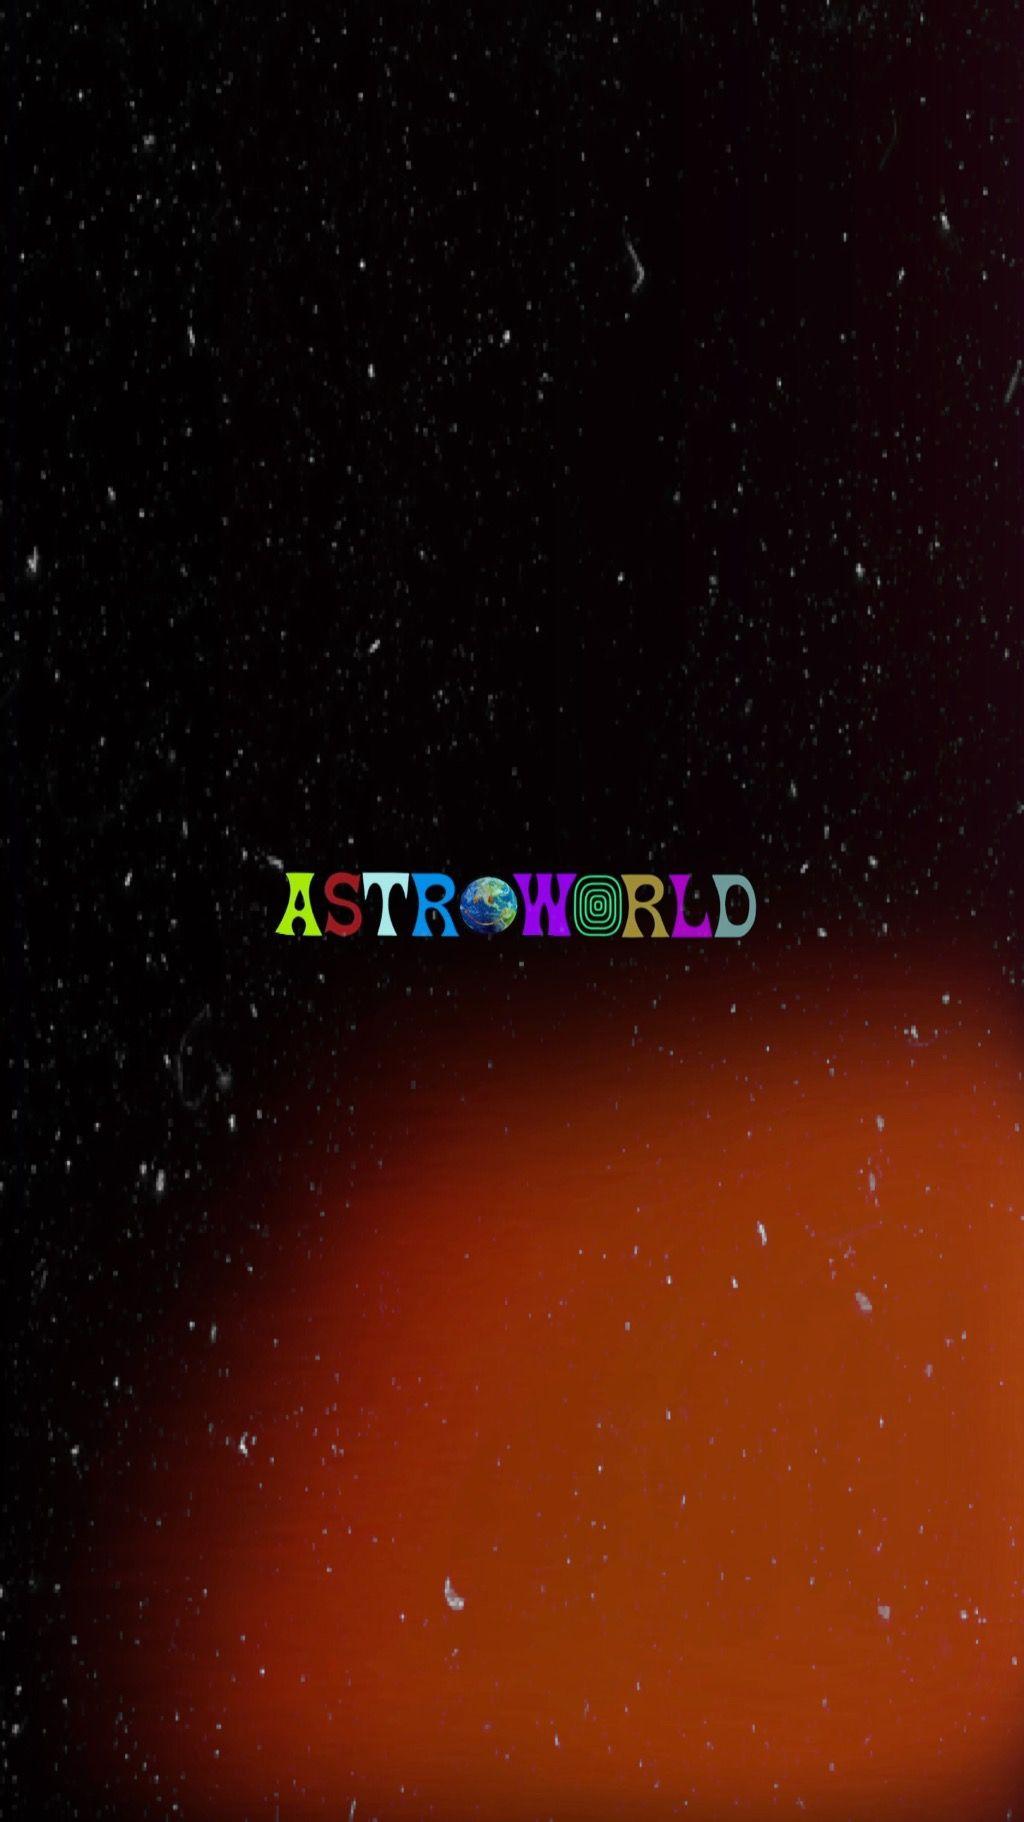 Pin By Chin On Astroworld Travis Scott Fan Art Travis Scott Wallpapers Hypebeast Wallpaper Hype Wallpaper